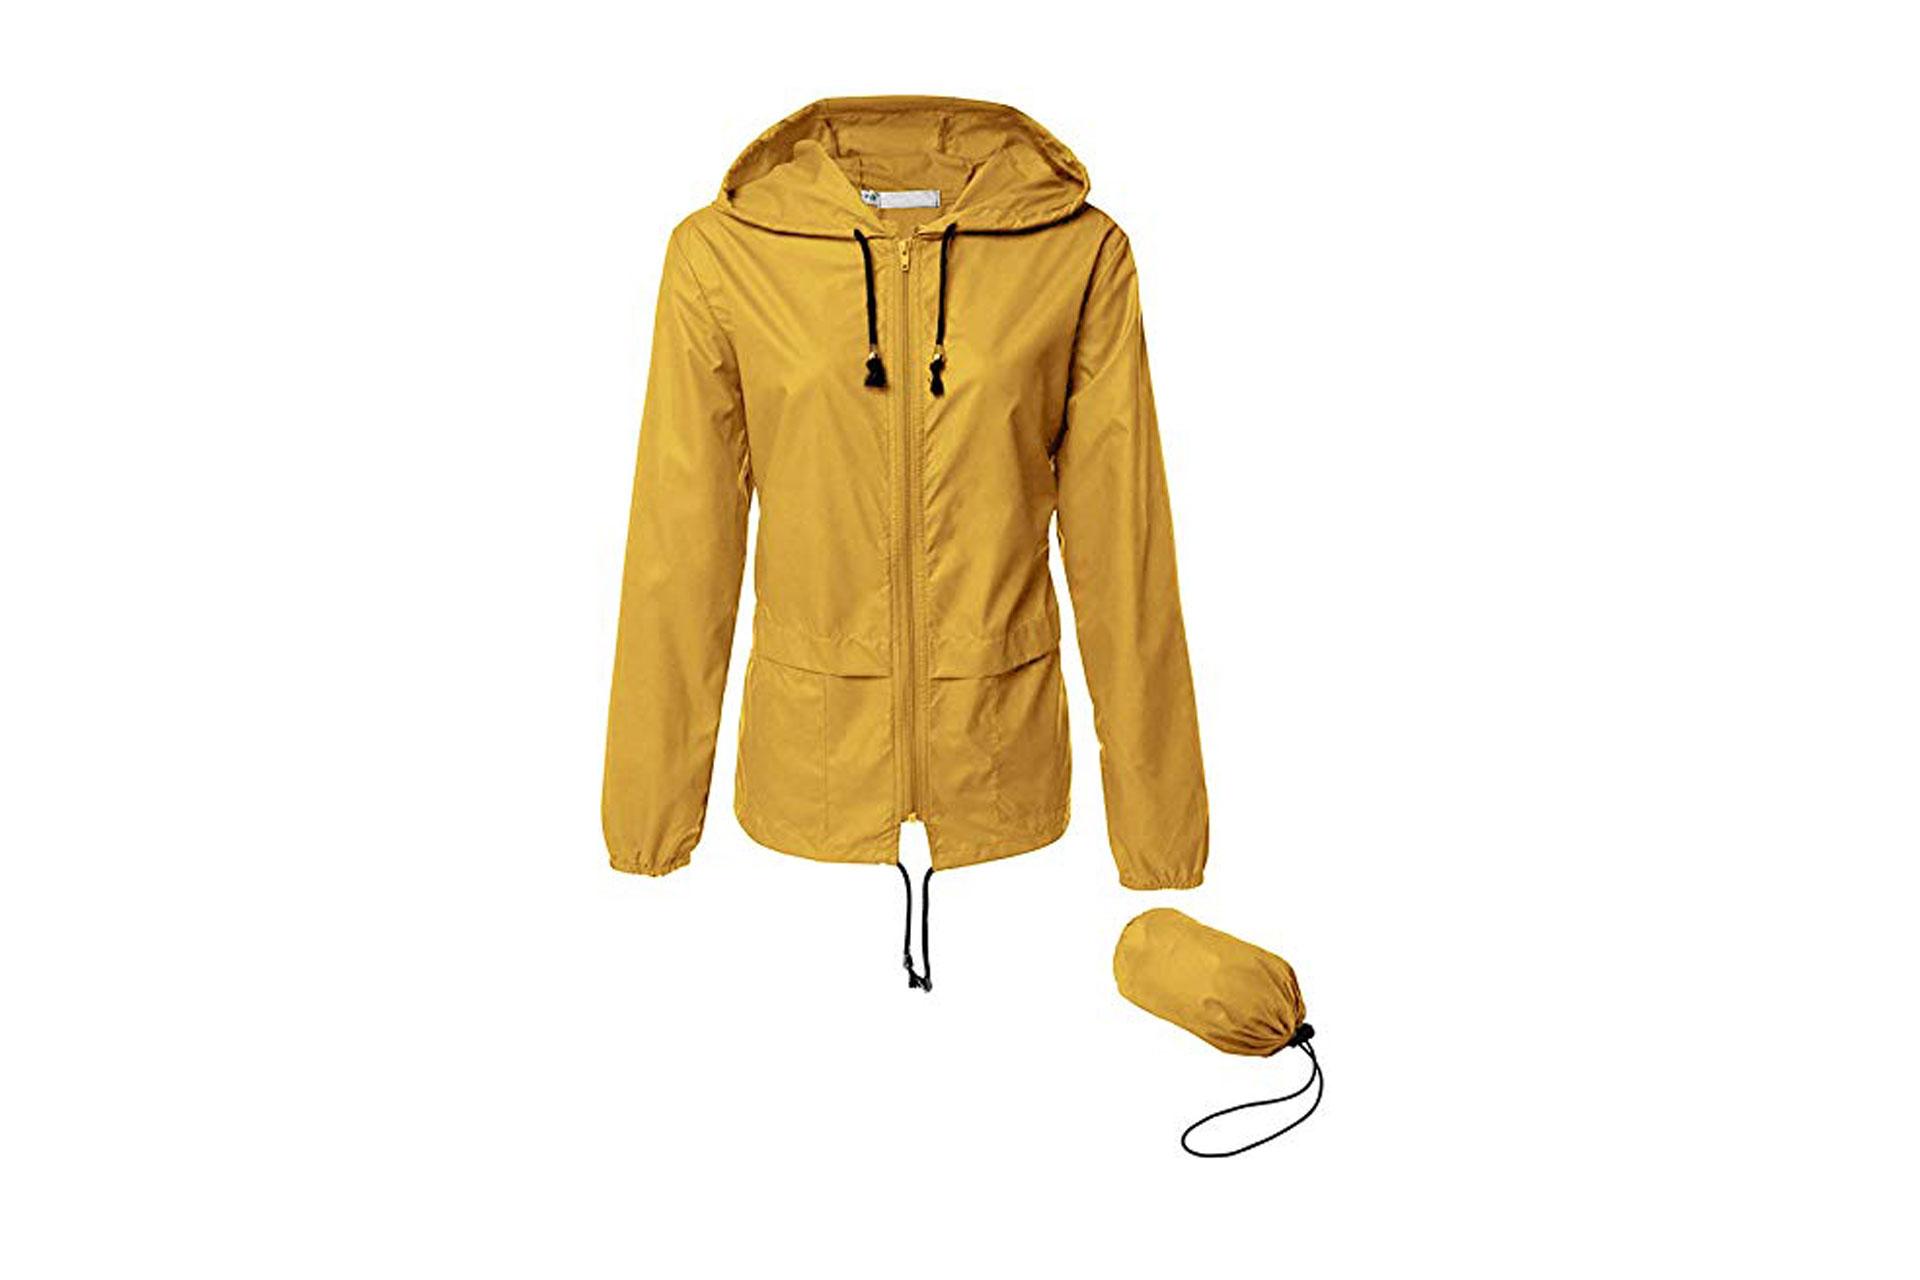 Rain Jacket; Courtesy of Amazon